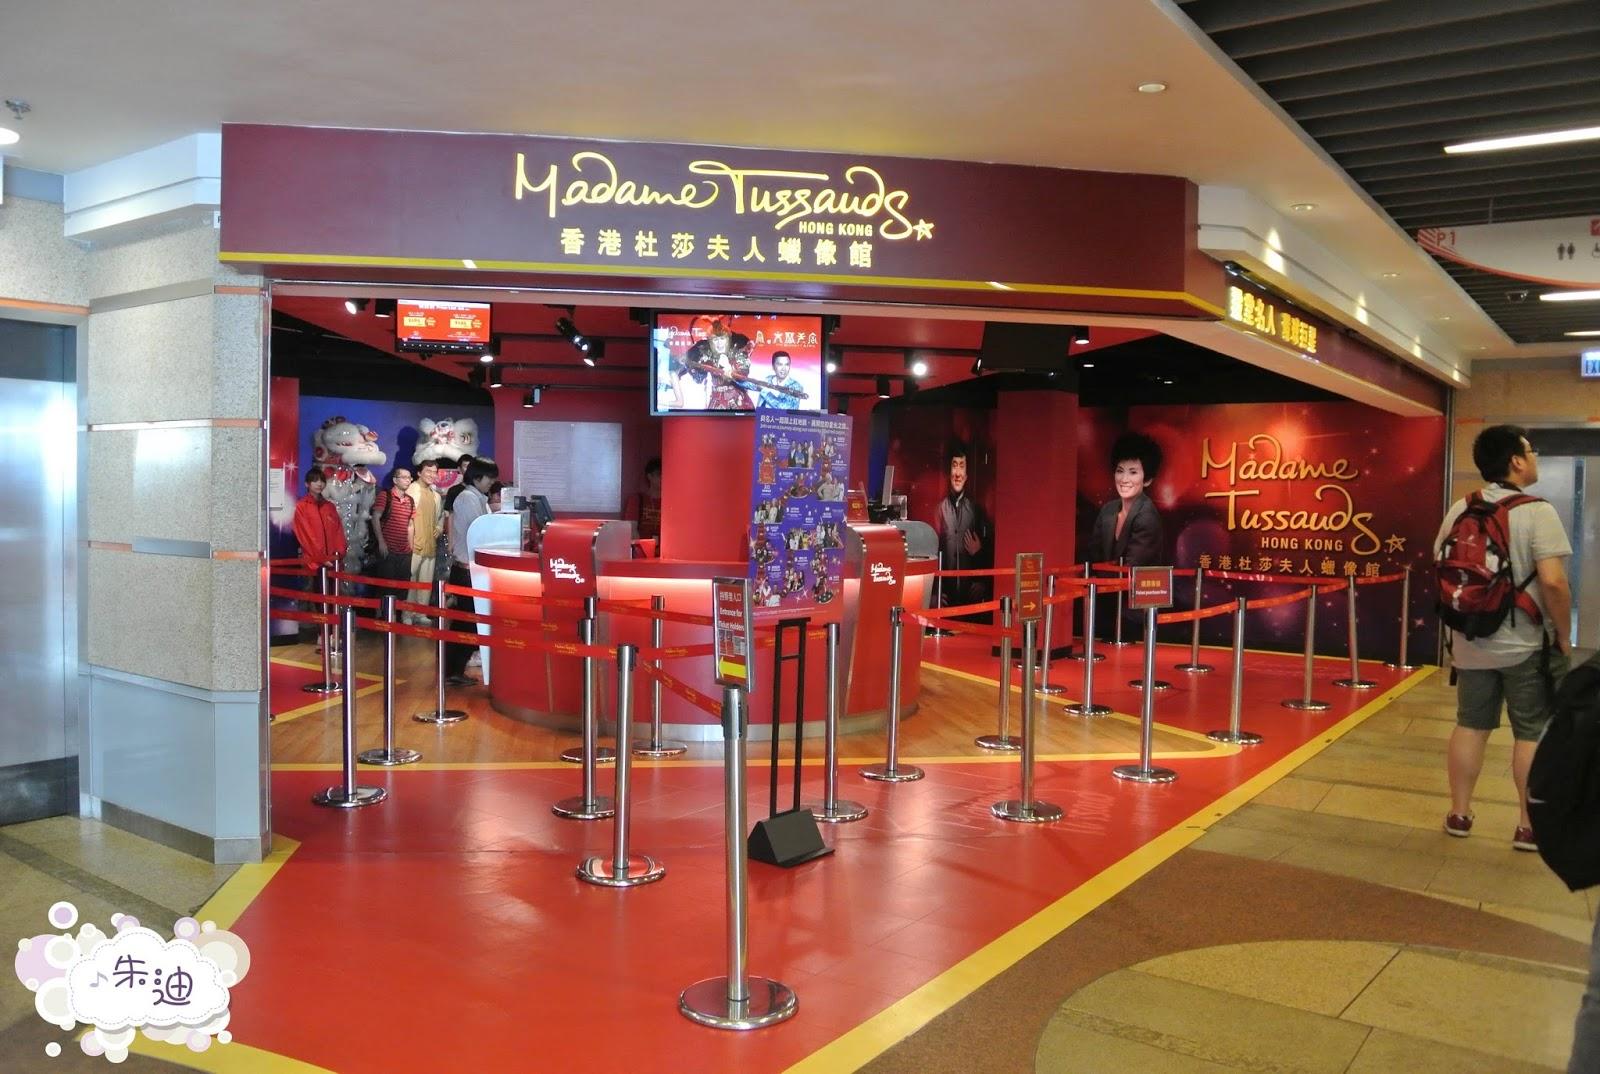 ★朱迪☆: 一起去「香港杜莎夫人蠟像館」新展區走一圈吧!